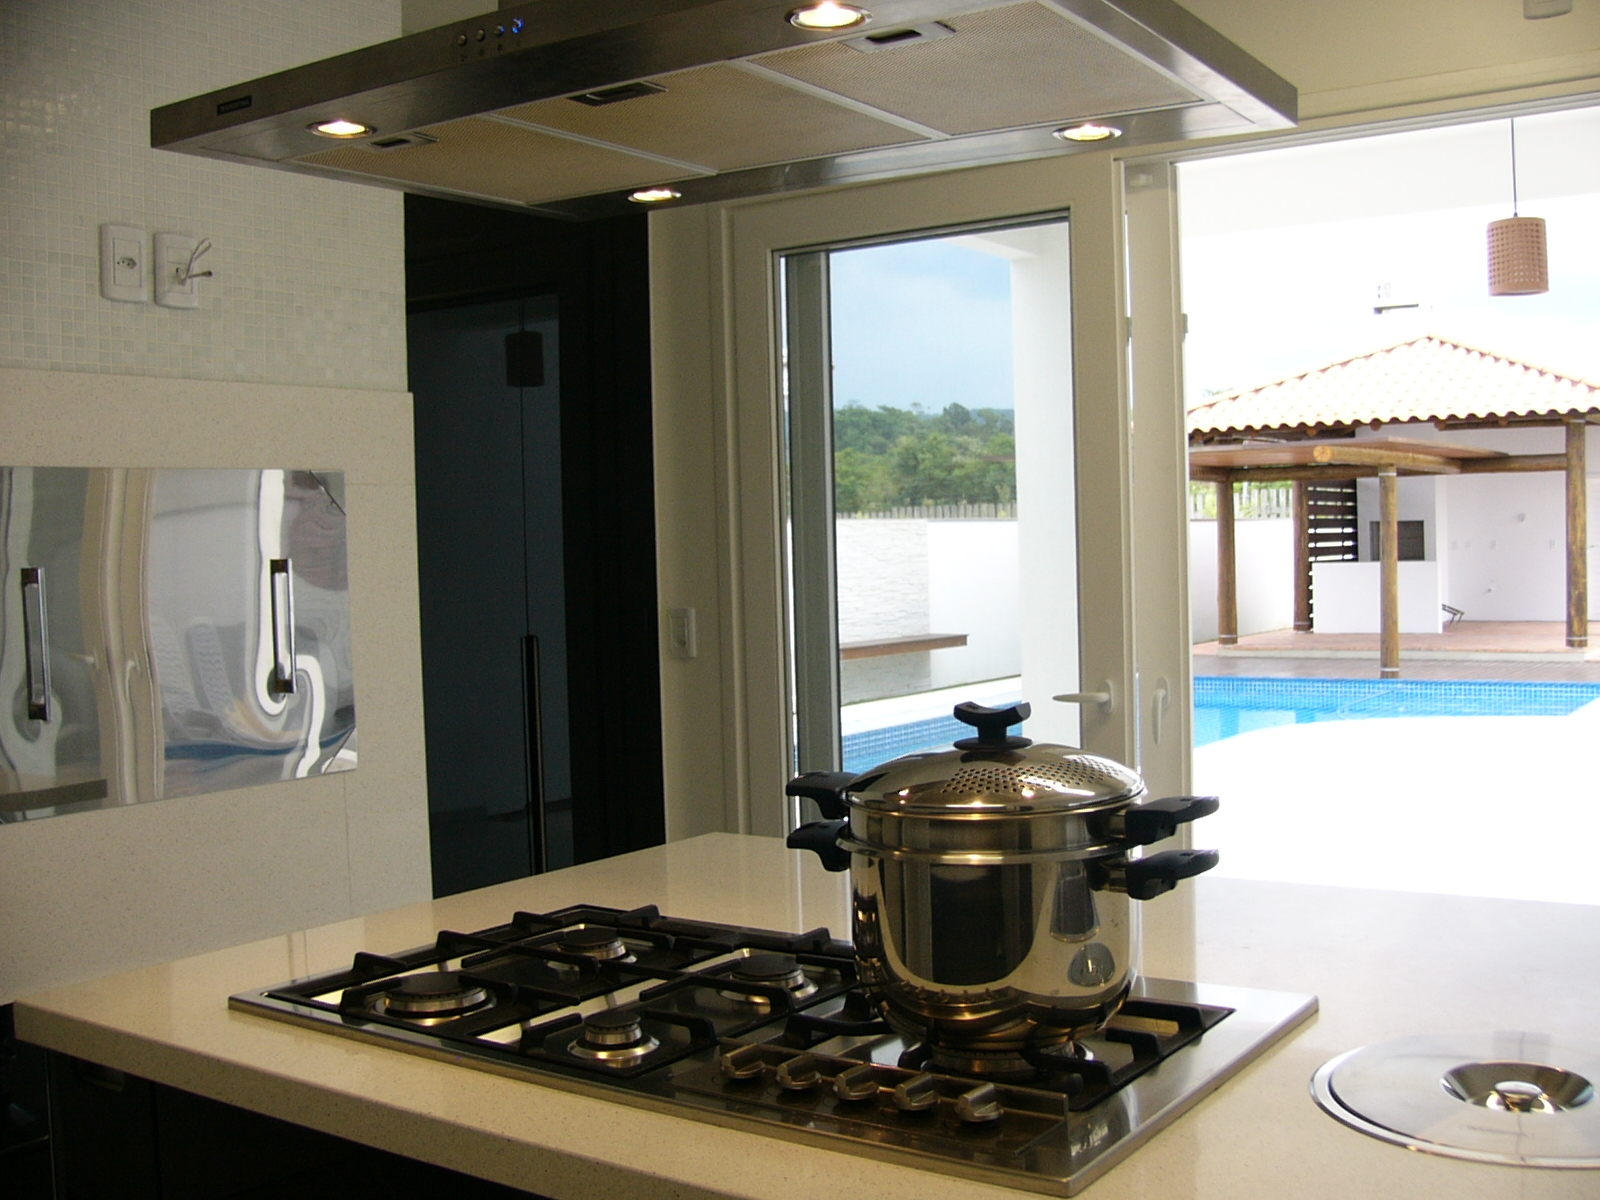 #1382B8 se volta tanto para a sala de jantar e estar como para a área externa  1600x1200 px Projetos De Cozinha Externa_5445 Imagens